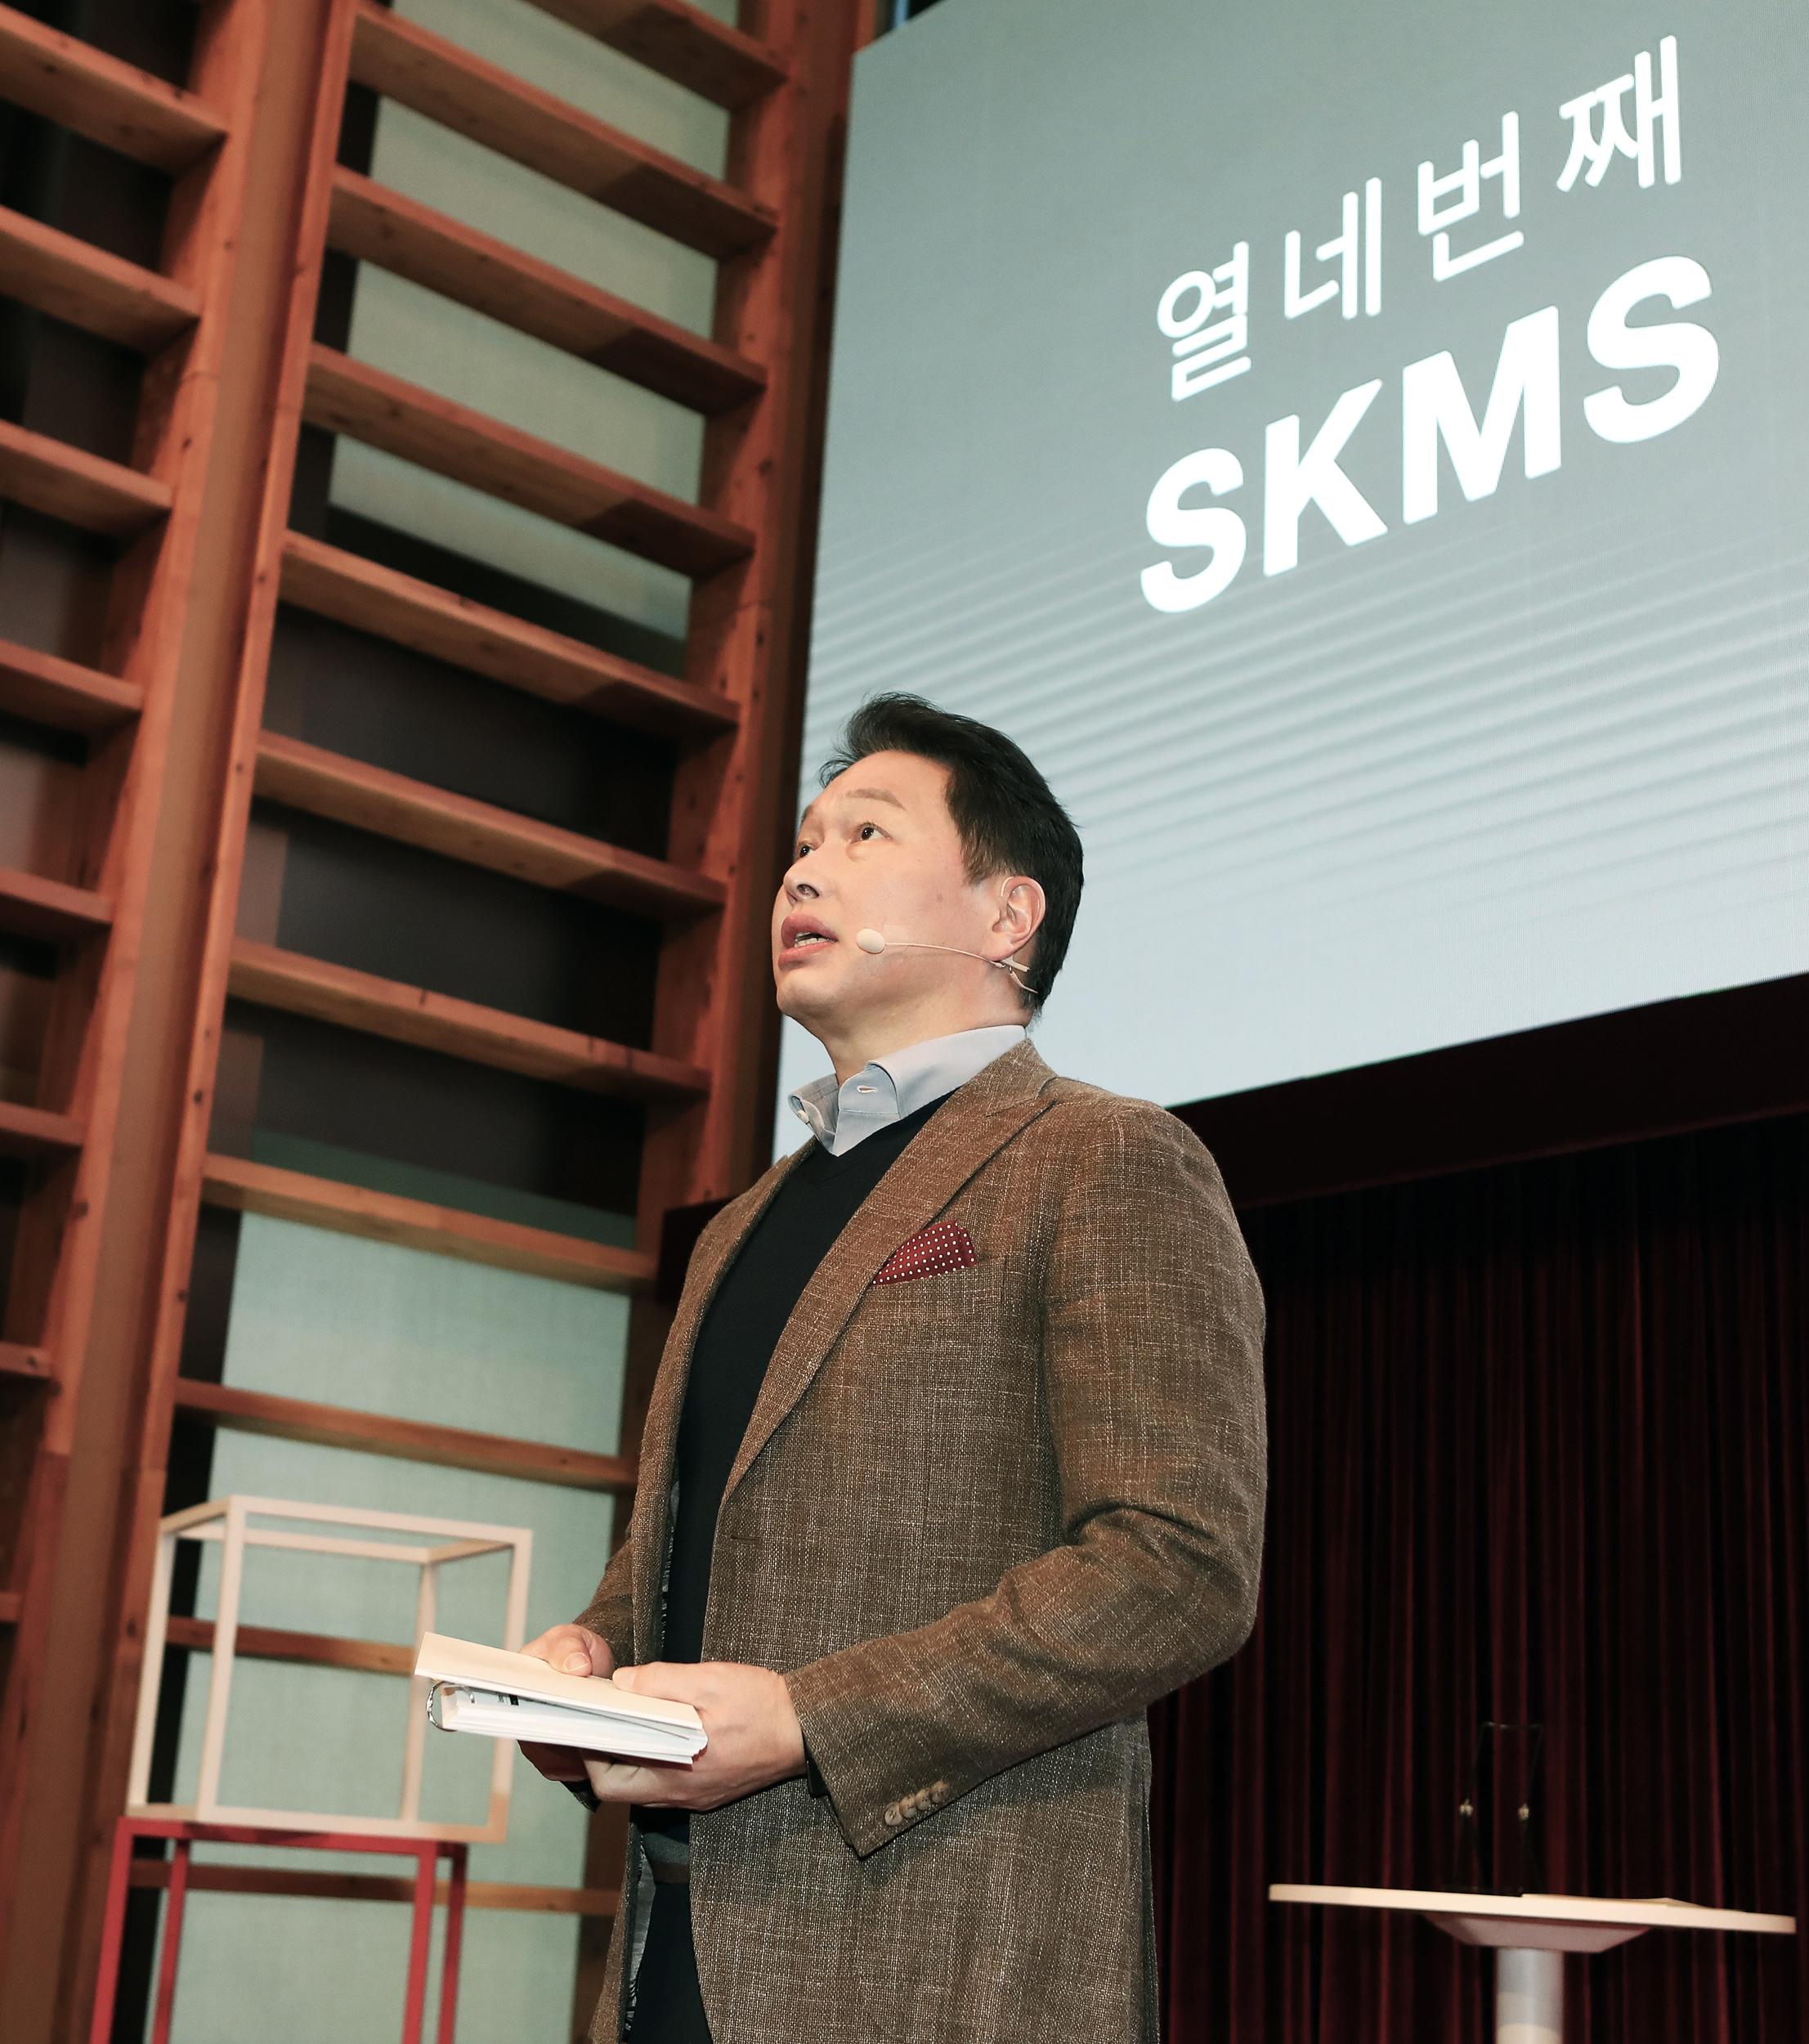 최태원 SK 회장이 지난 18일 SK서린빌딩에서 열린 SKMS 개정선포식에 참석,   TED방식으로 SKMS 14차 개정 취지와 핵심 내용을 발표하고 있다